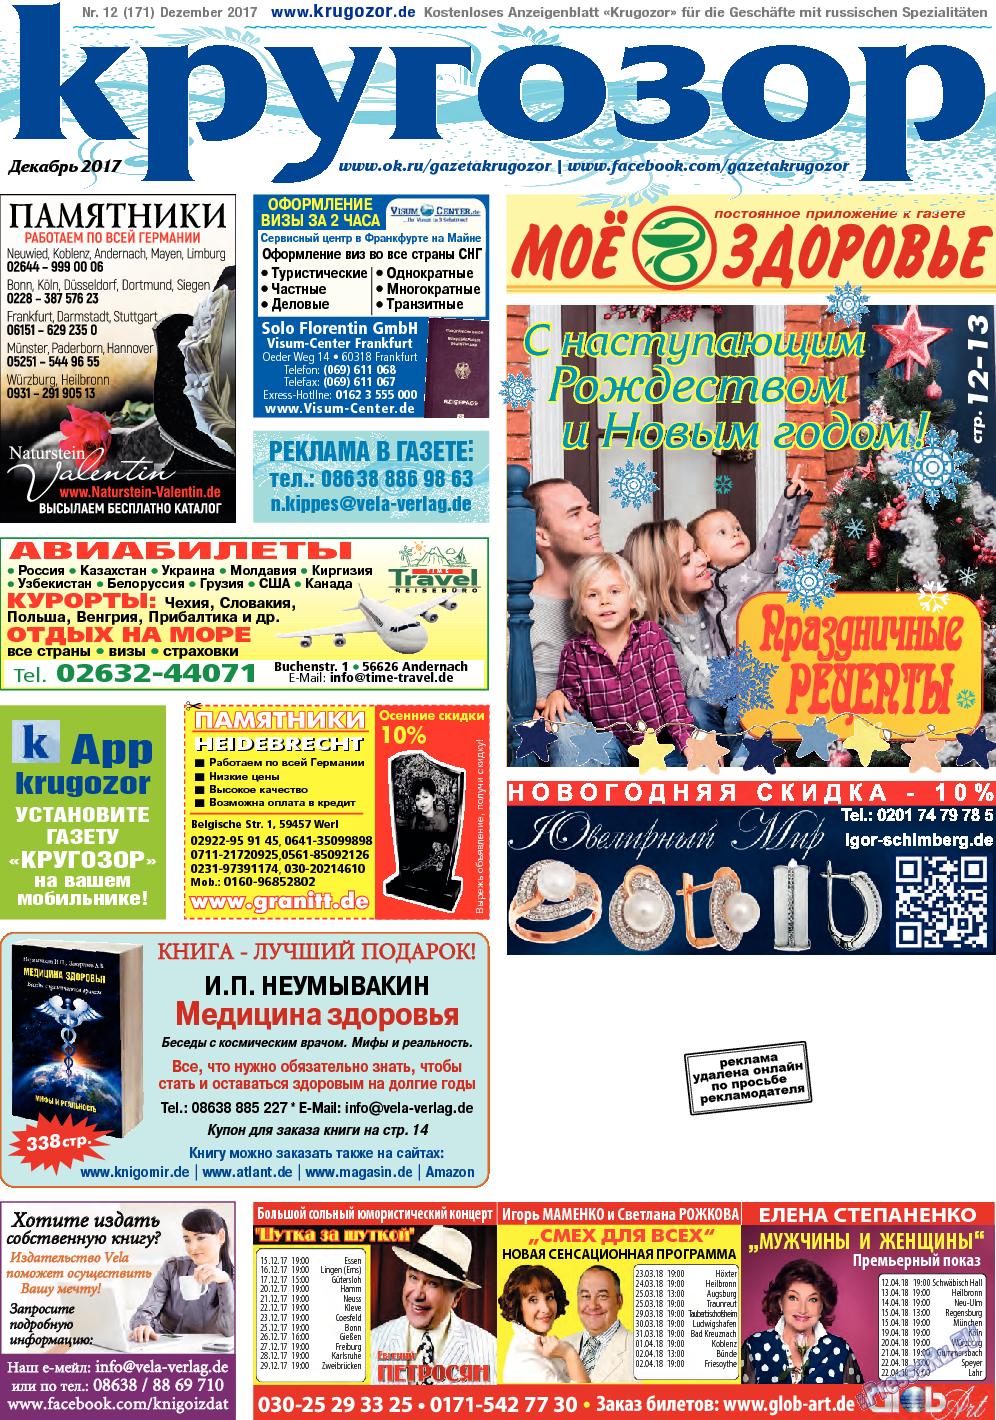 Кругозор (газета). 2017 год, номер 12, стр. 1